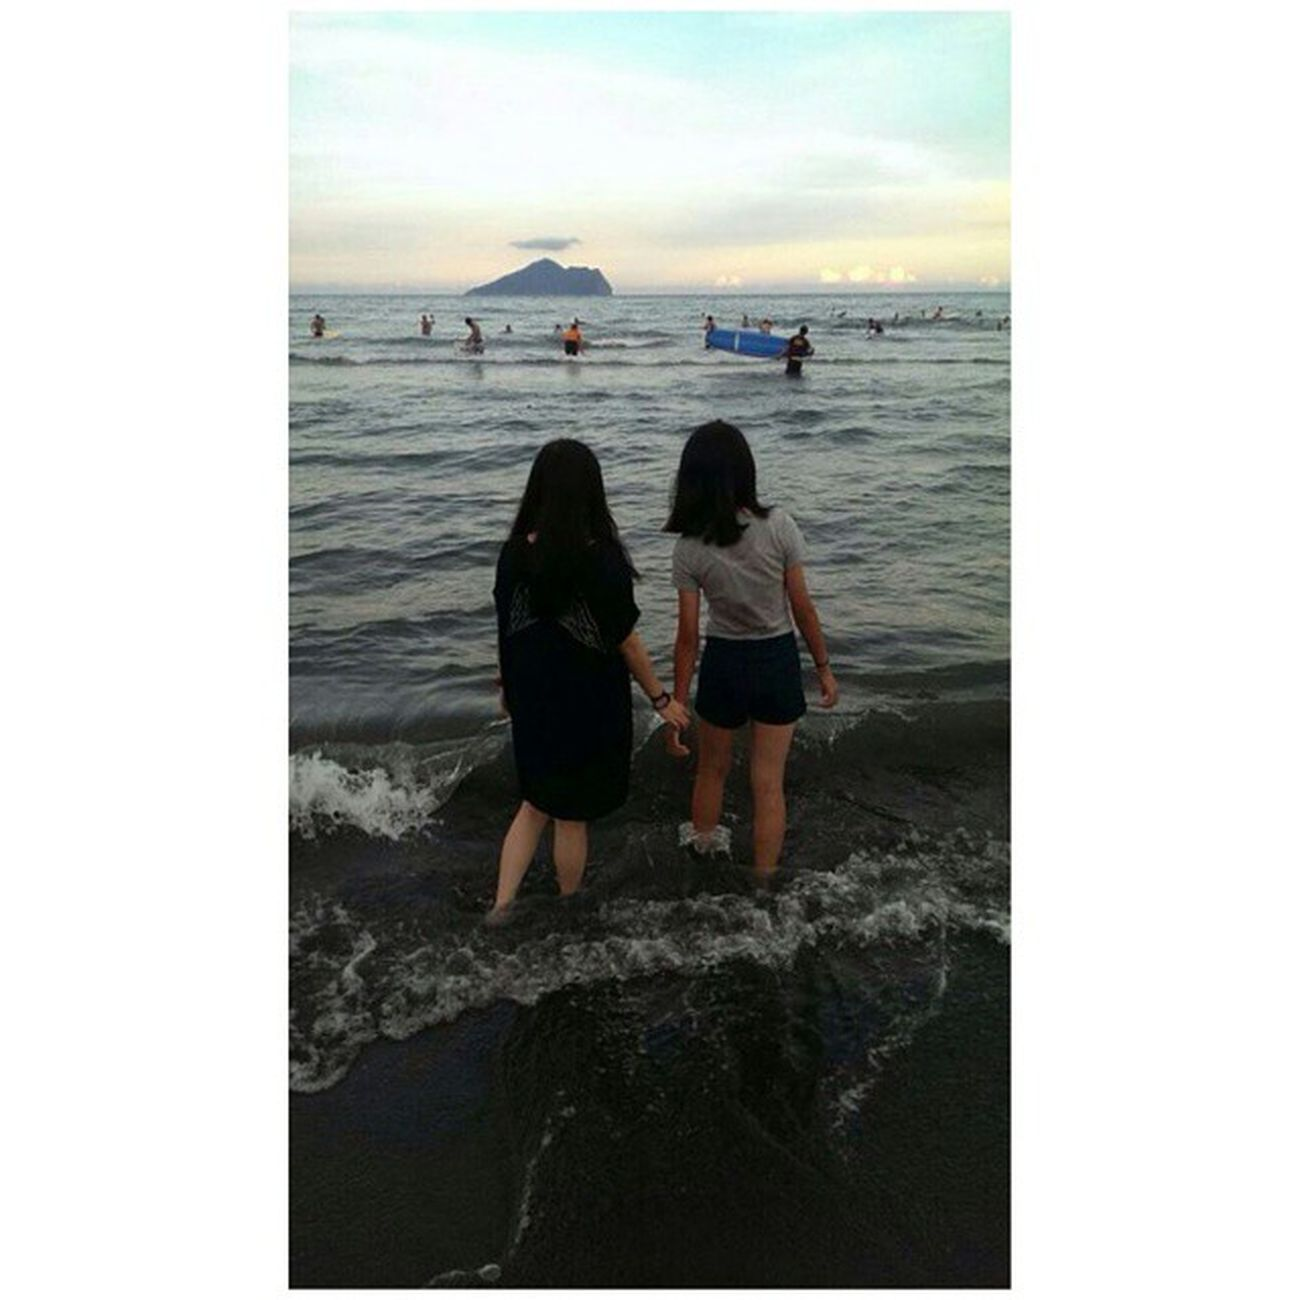 - 想來宜蘭就真的來了 沒下水真是殘念拉 好美的龜山島~~ 開心的一天